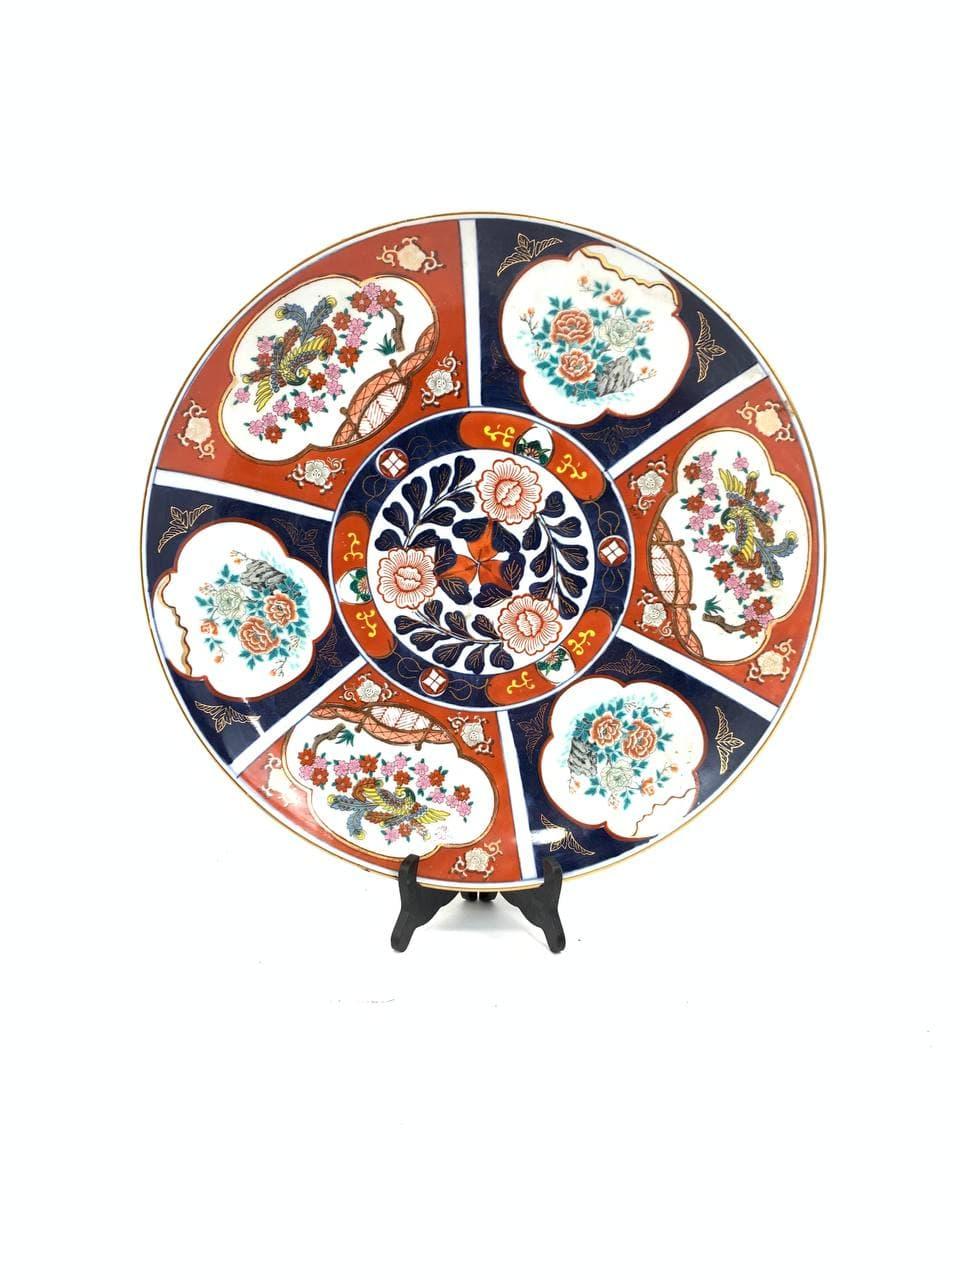 Антикварная большая тарелка в стиле Имари